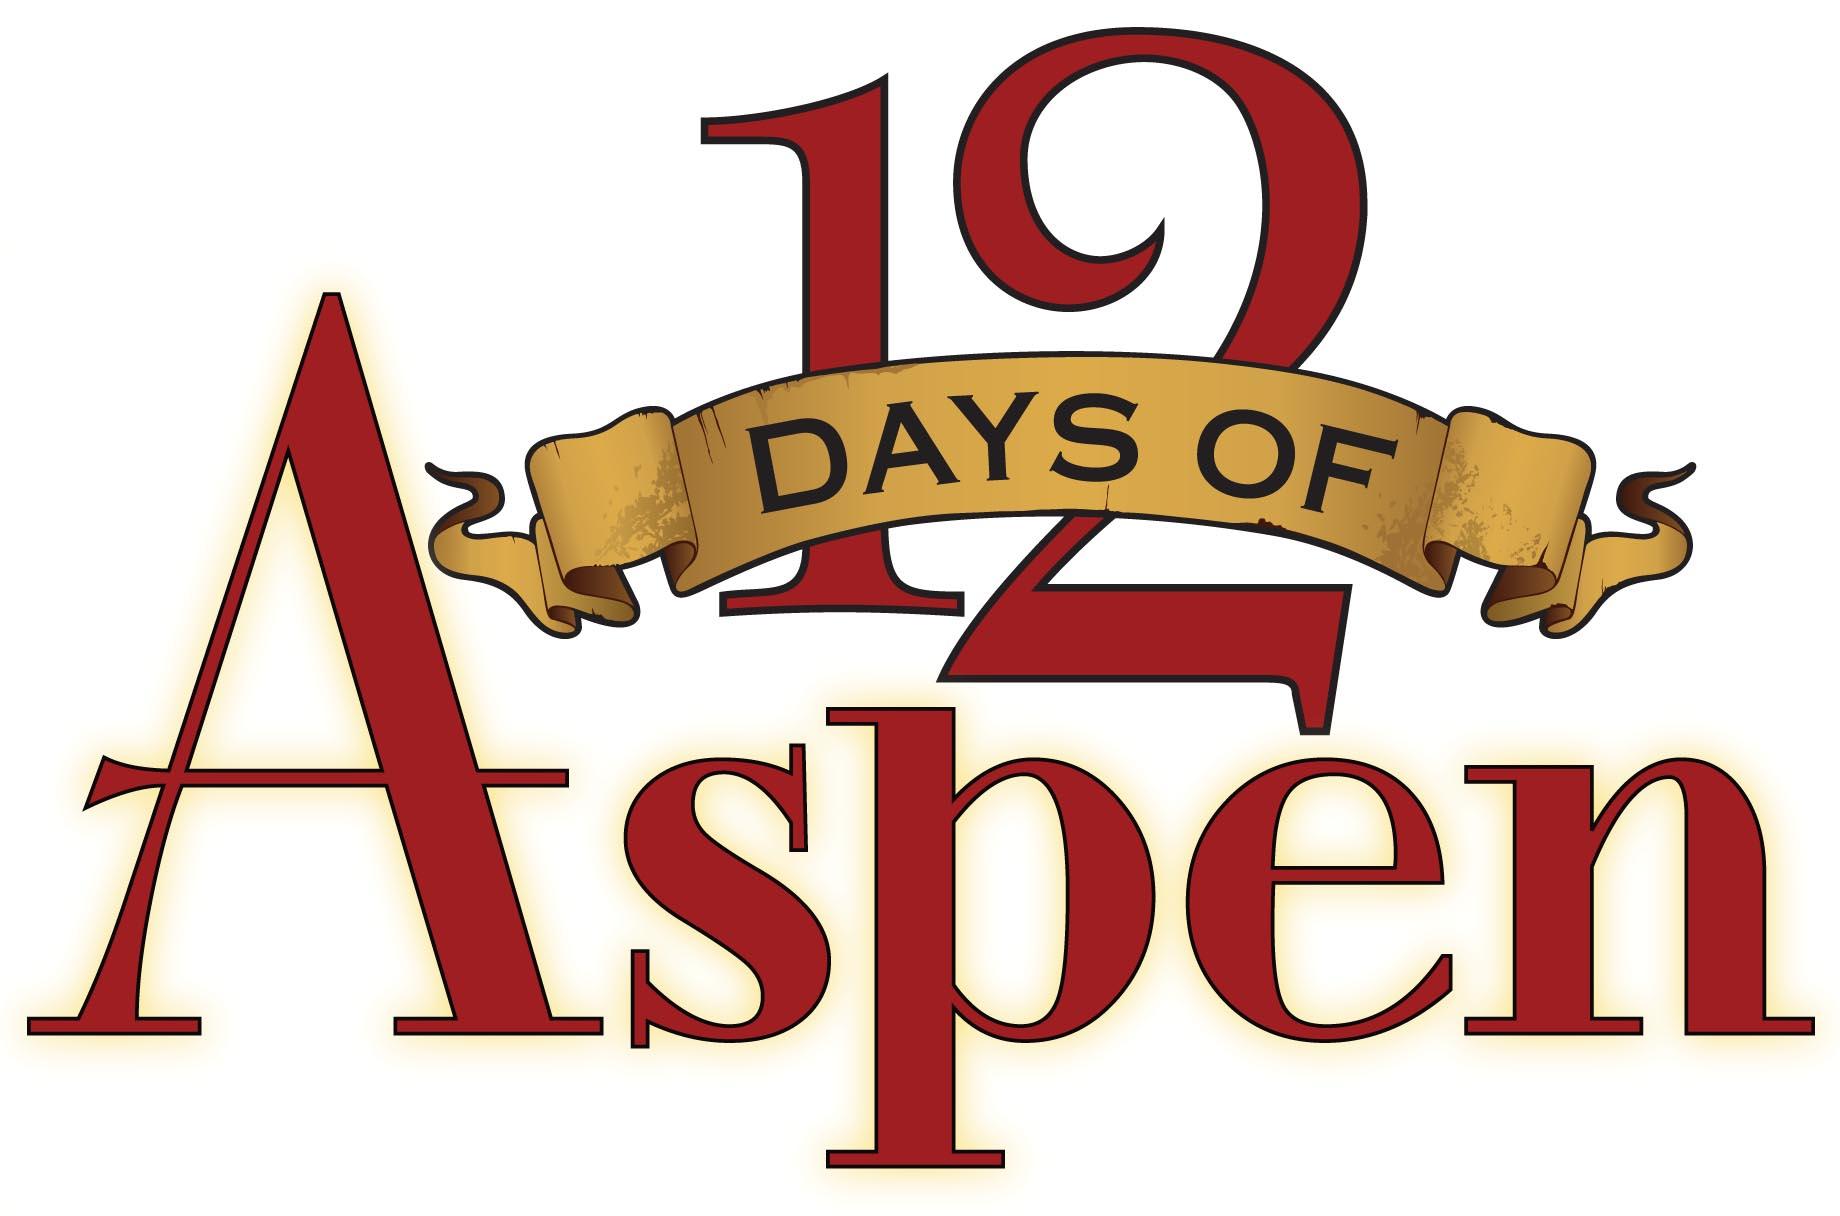 12 Days of Aspen logo